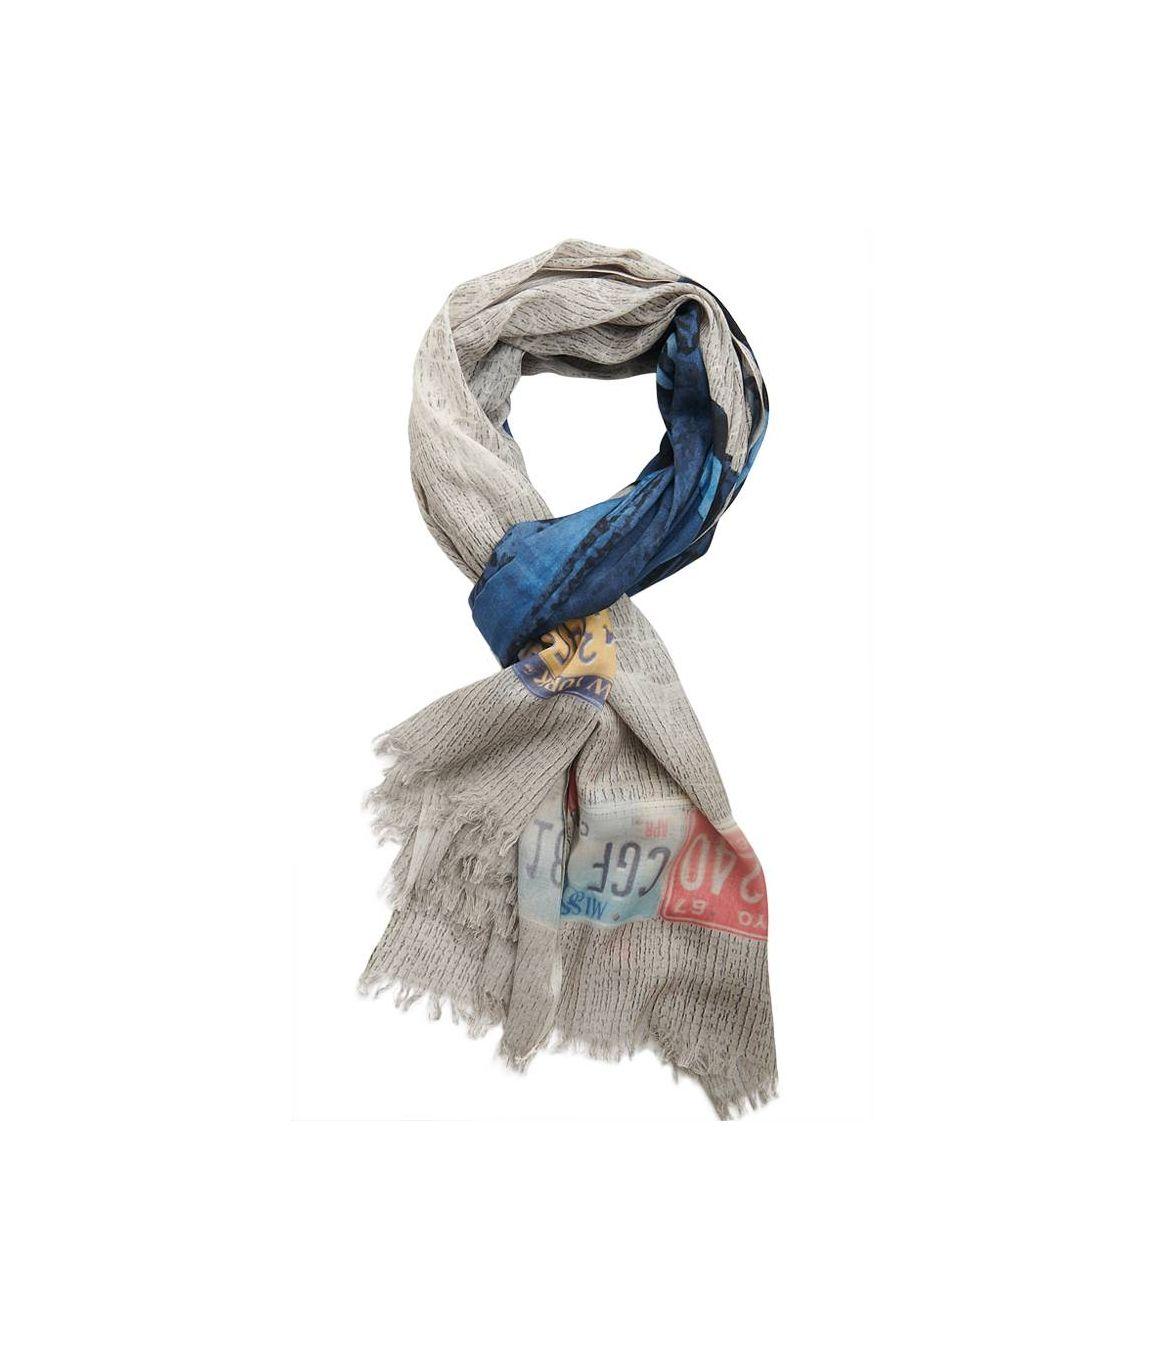 HECTOR Foulard en Coton, Modal pour Homme 100x200 cm Storiatipic - 1